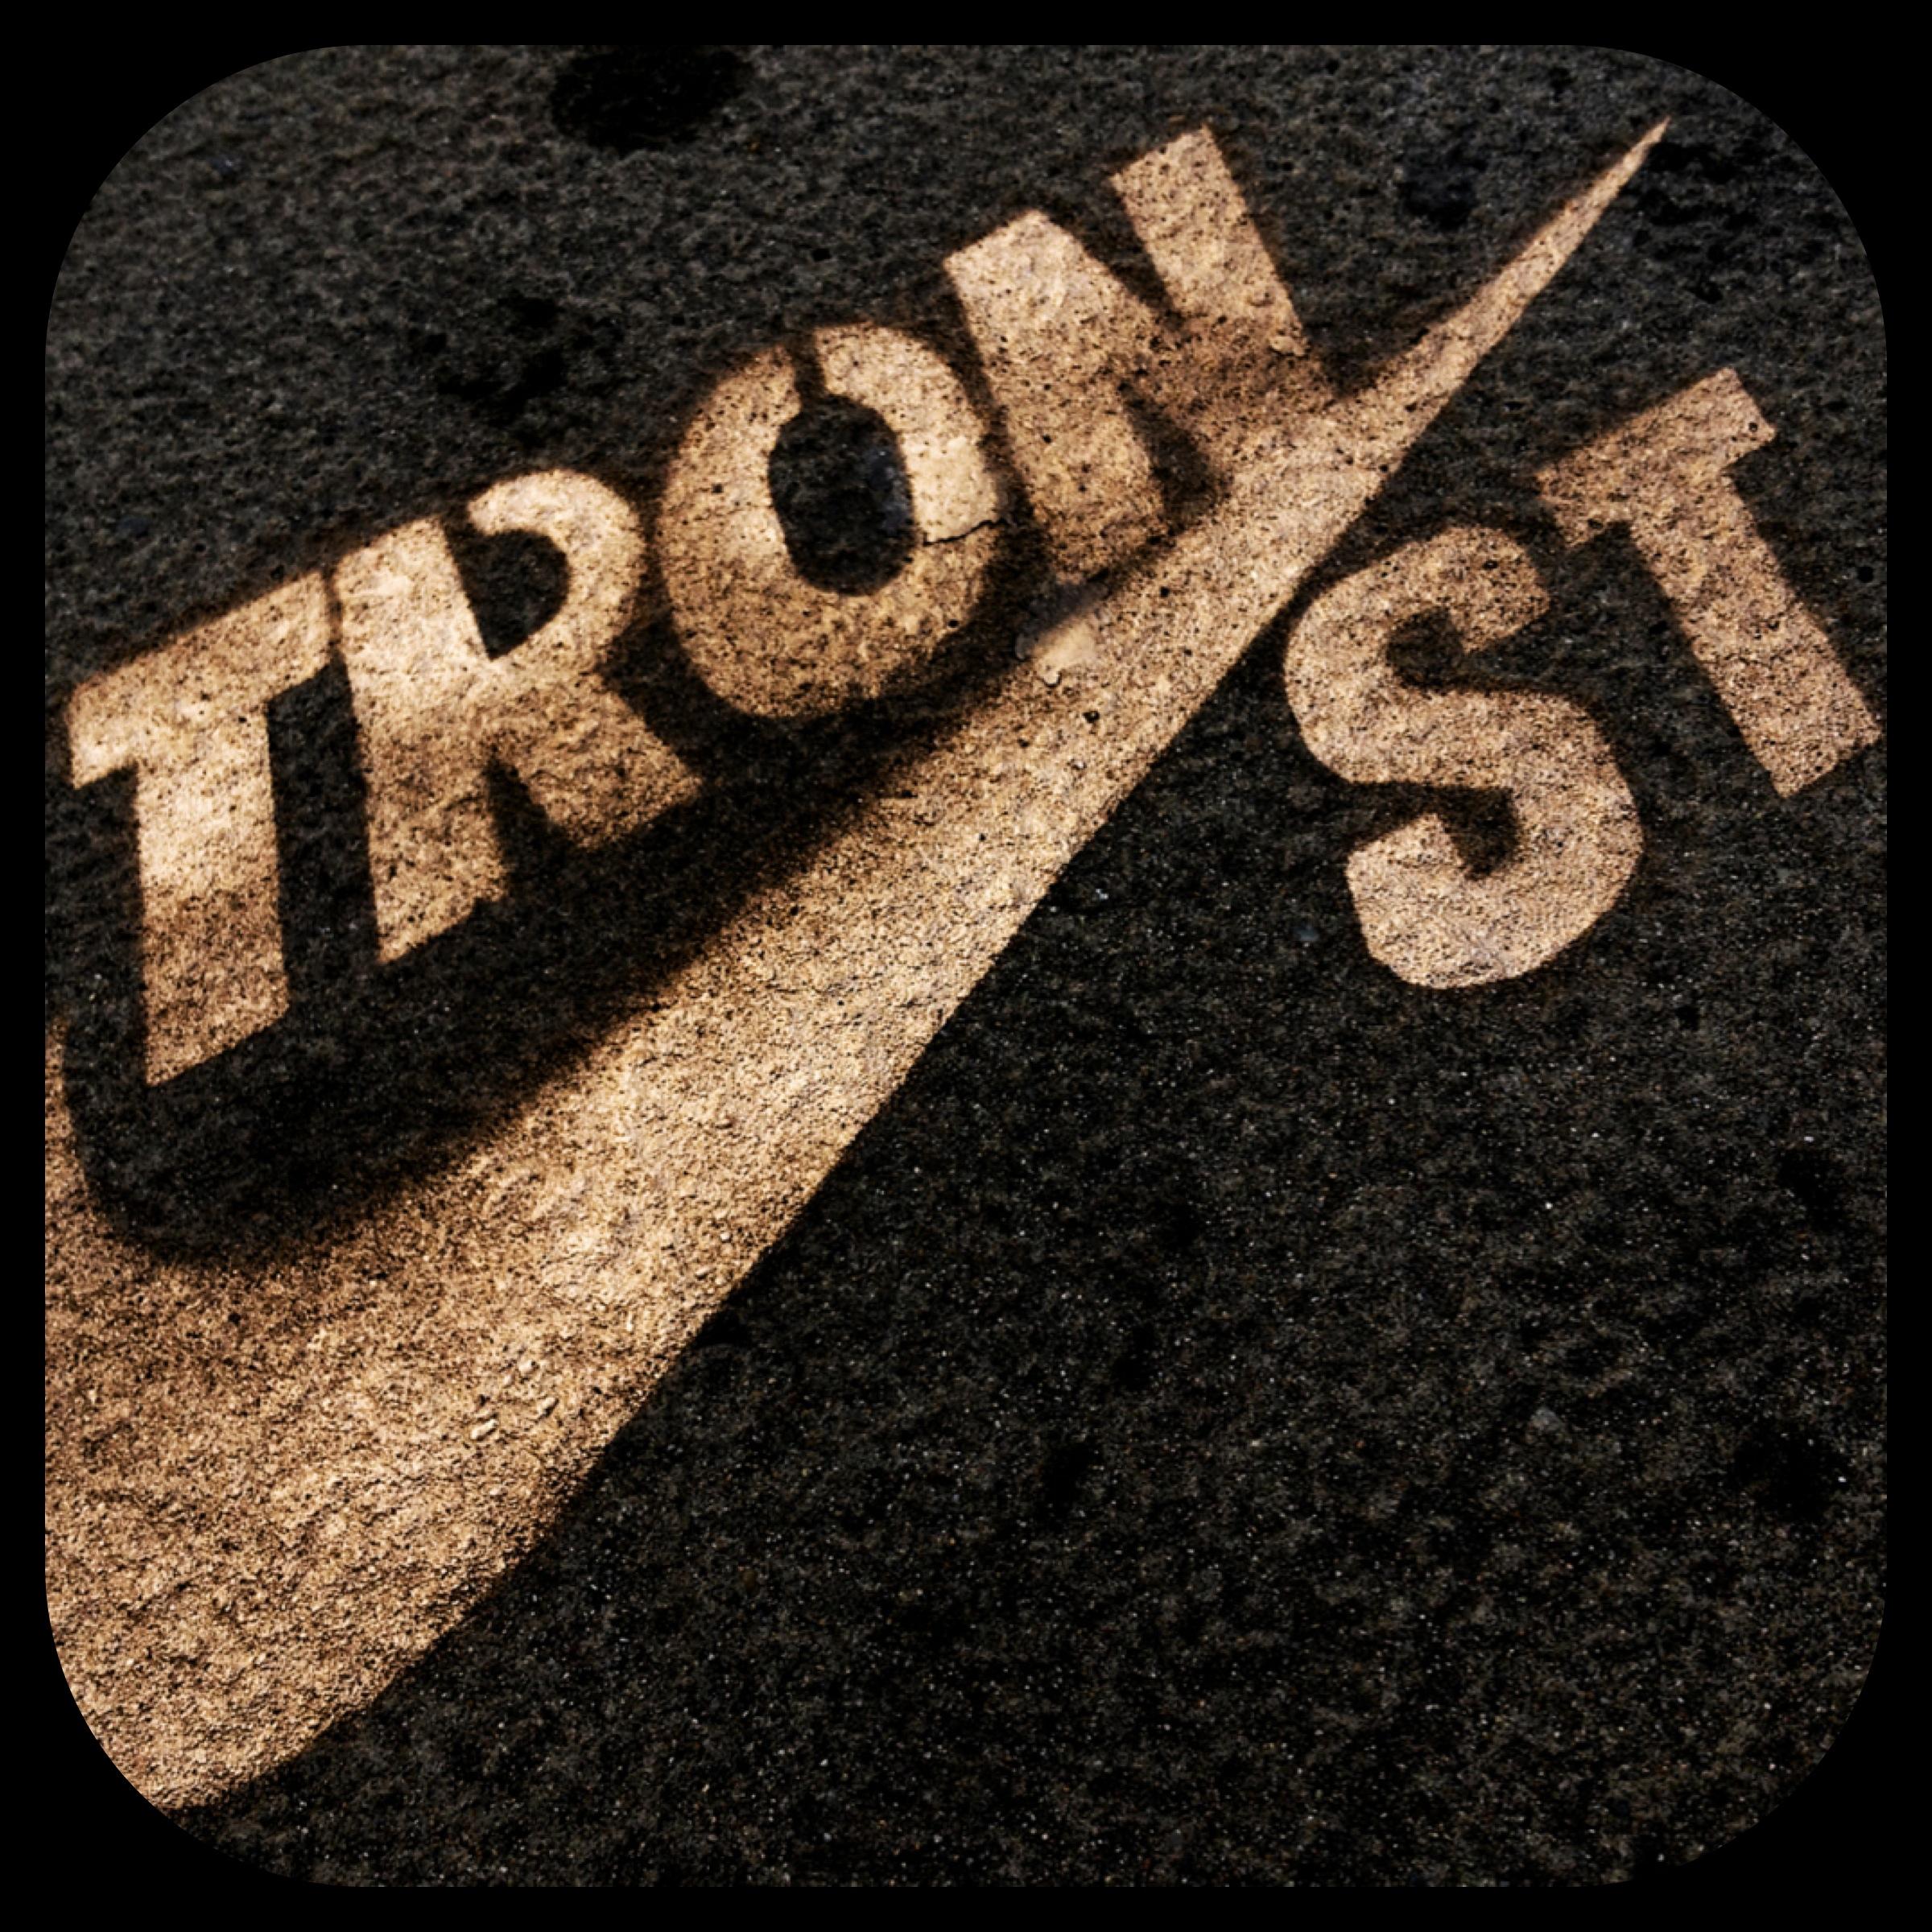 Tron Graffiti Stencil